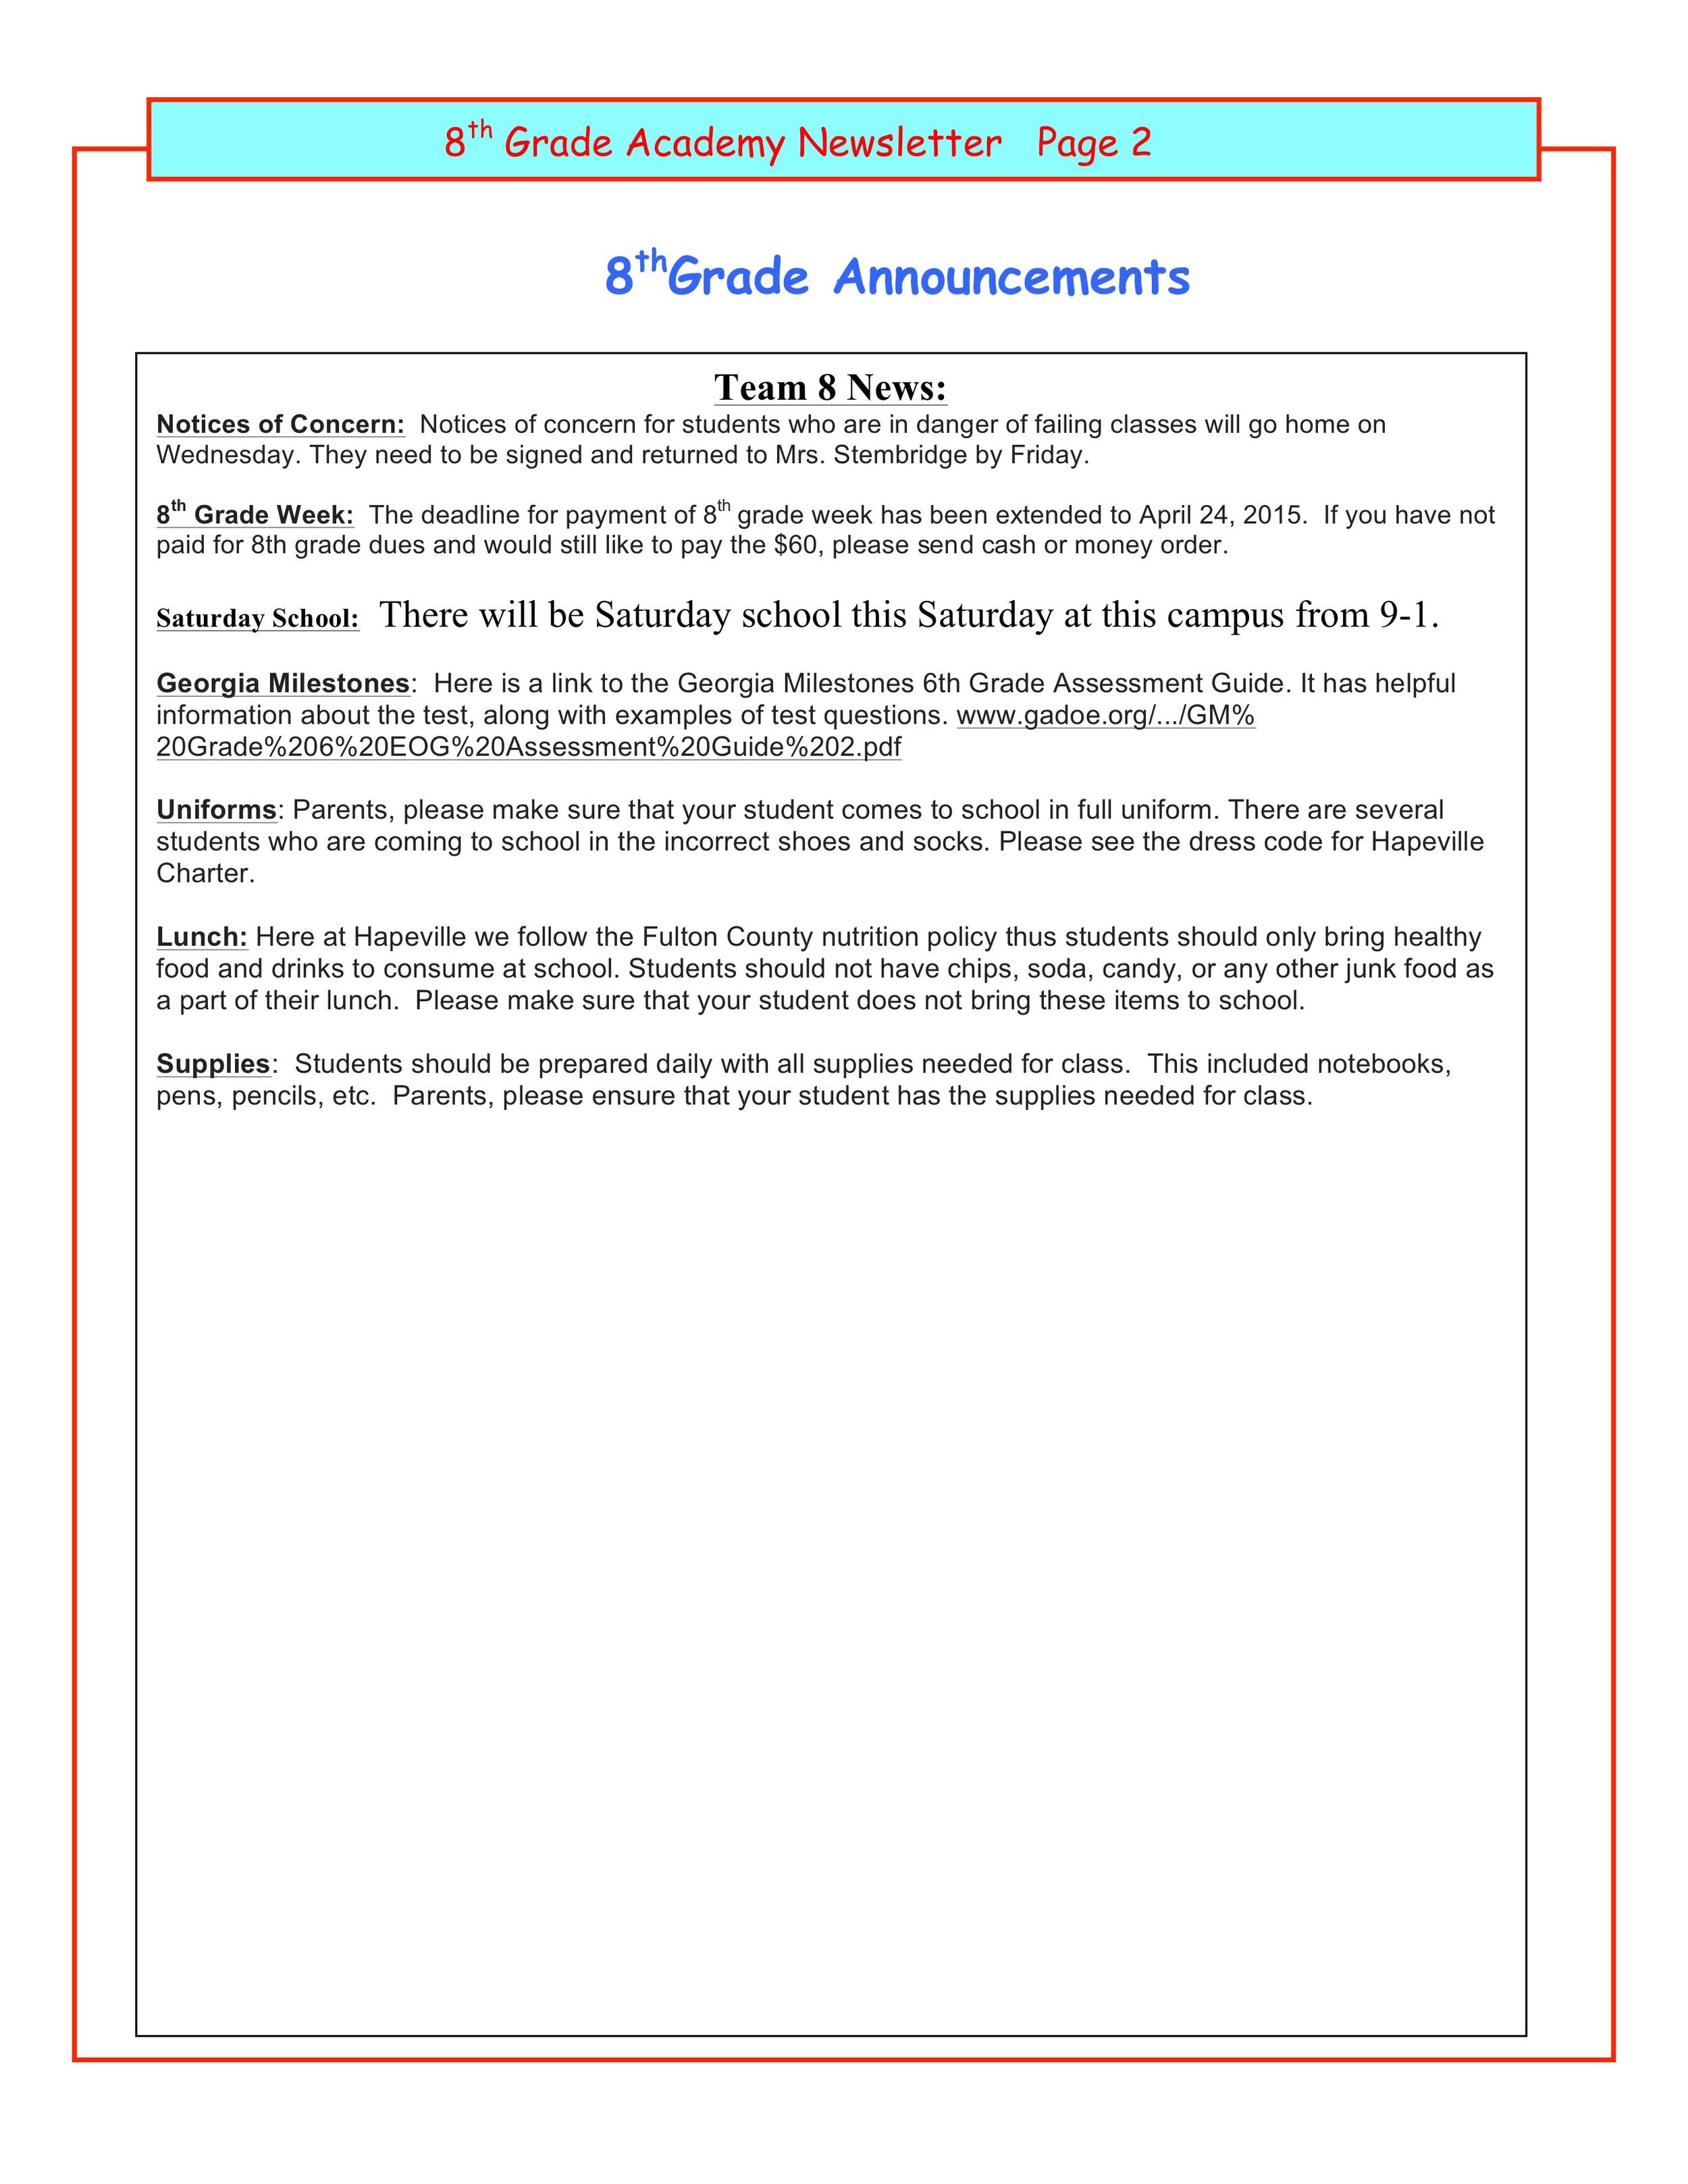 Newsletter Image8th grade April 13 2.jpeg